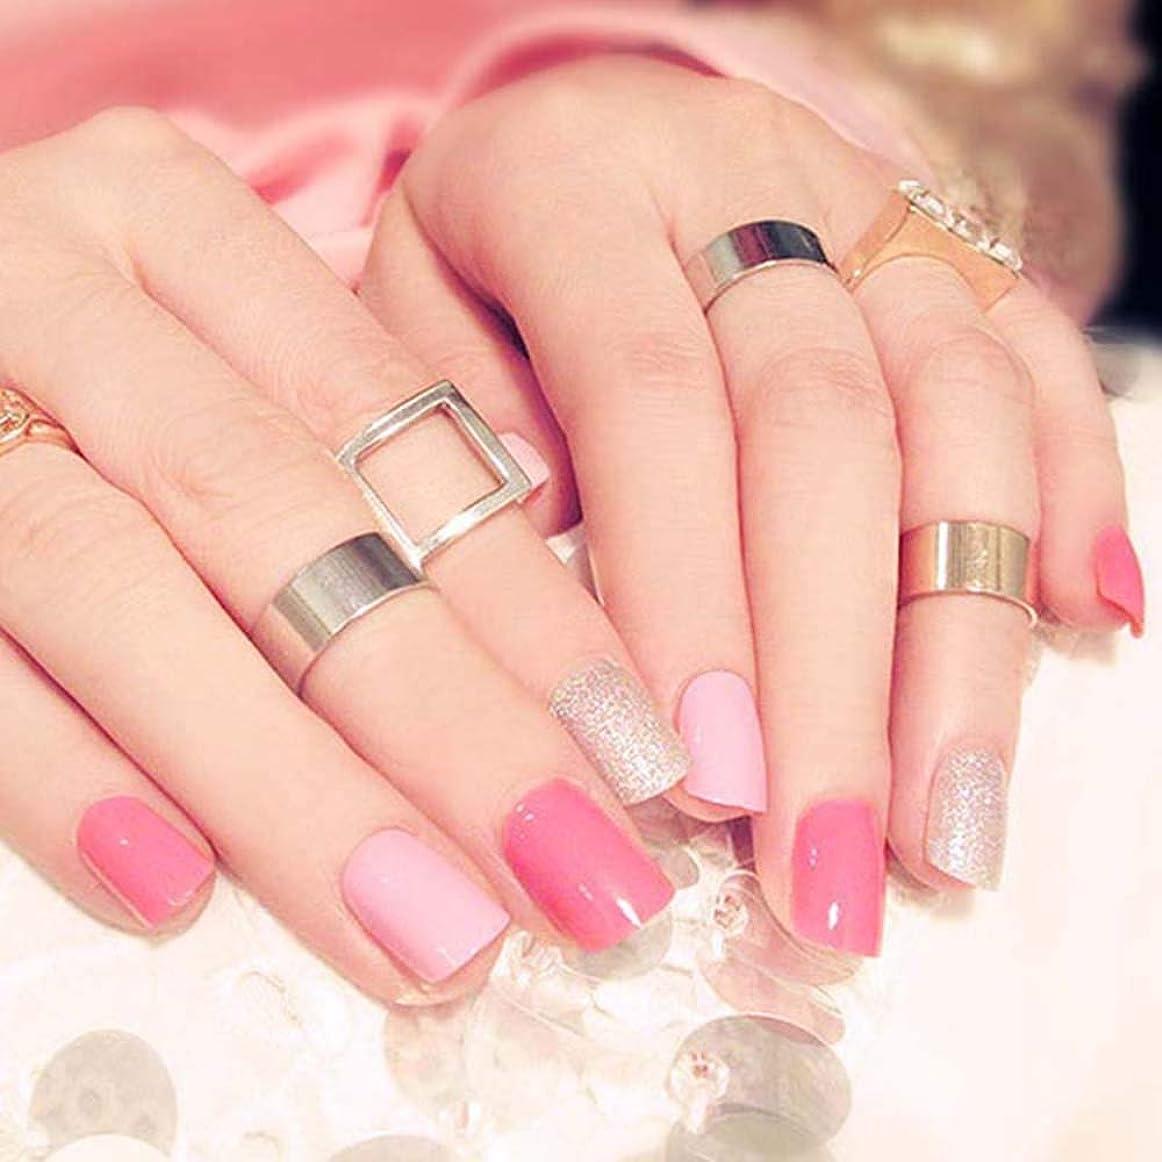 疼痛ナチュラル人差し指XUTXZKA 24ピースピンク色偽爪女性きらめきグリッターネイルアートのヒント短いサイズフルカバービルド爪